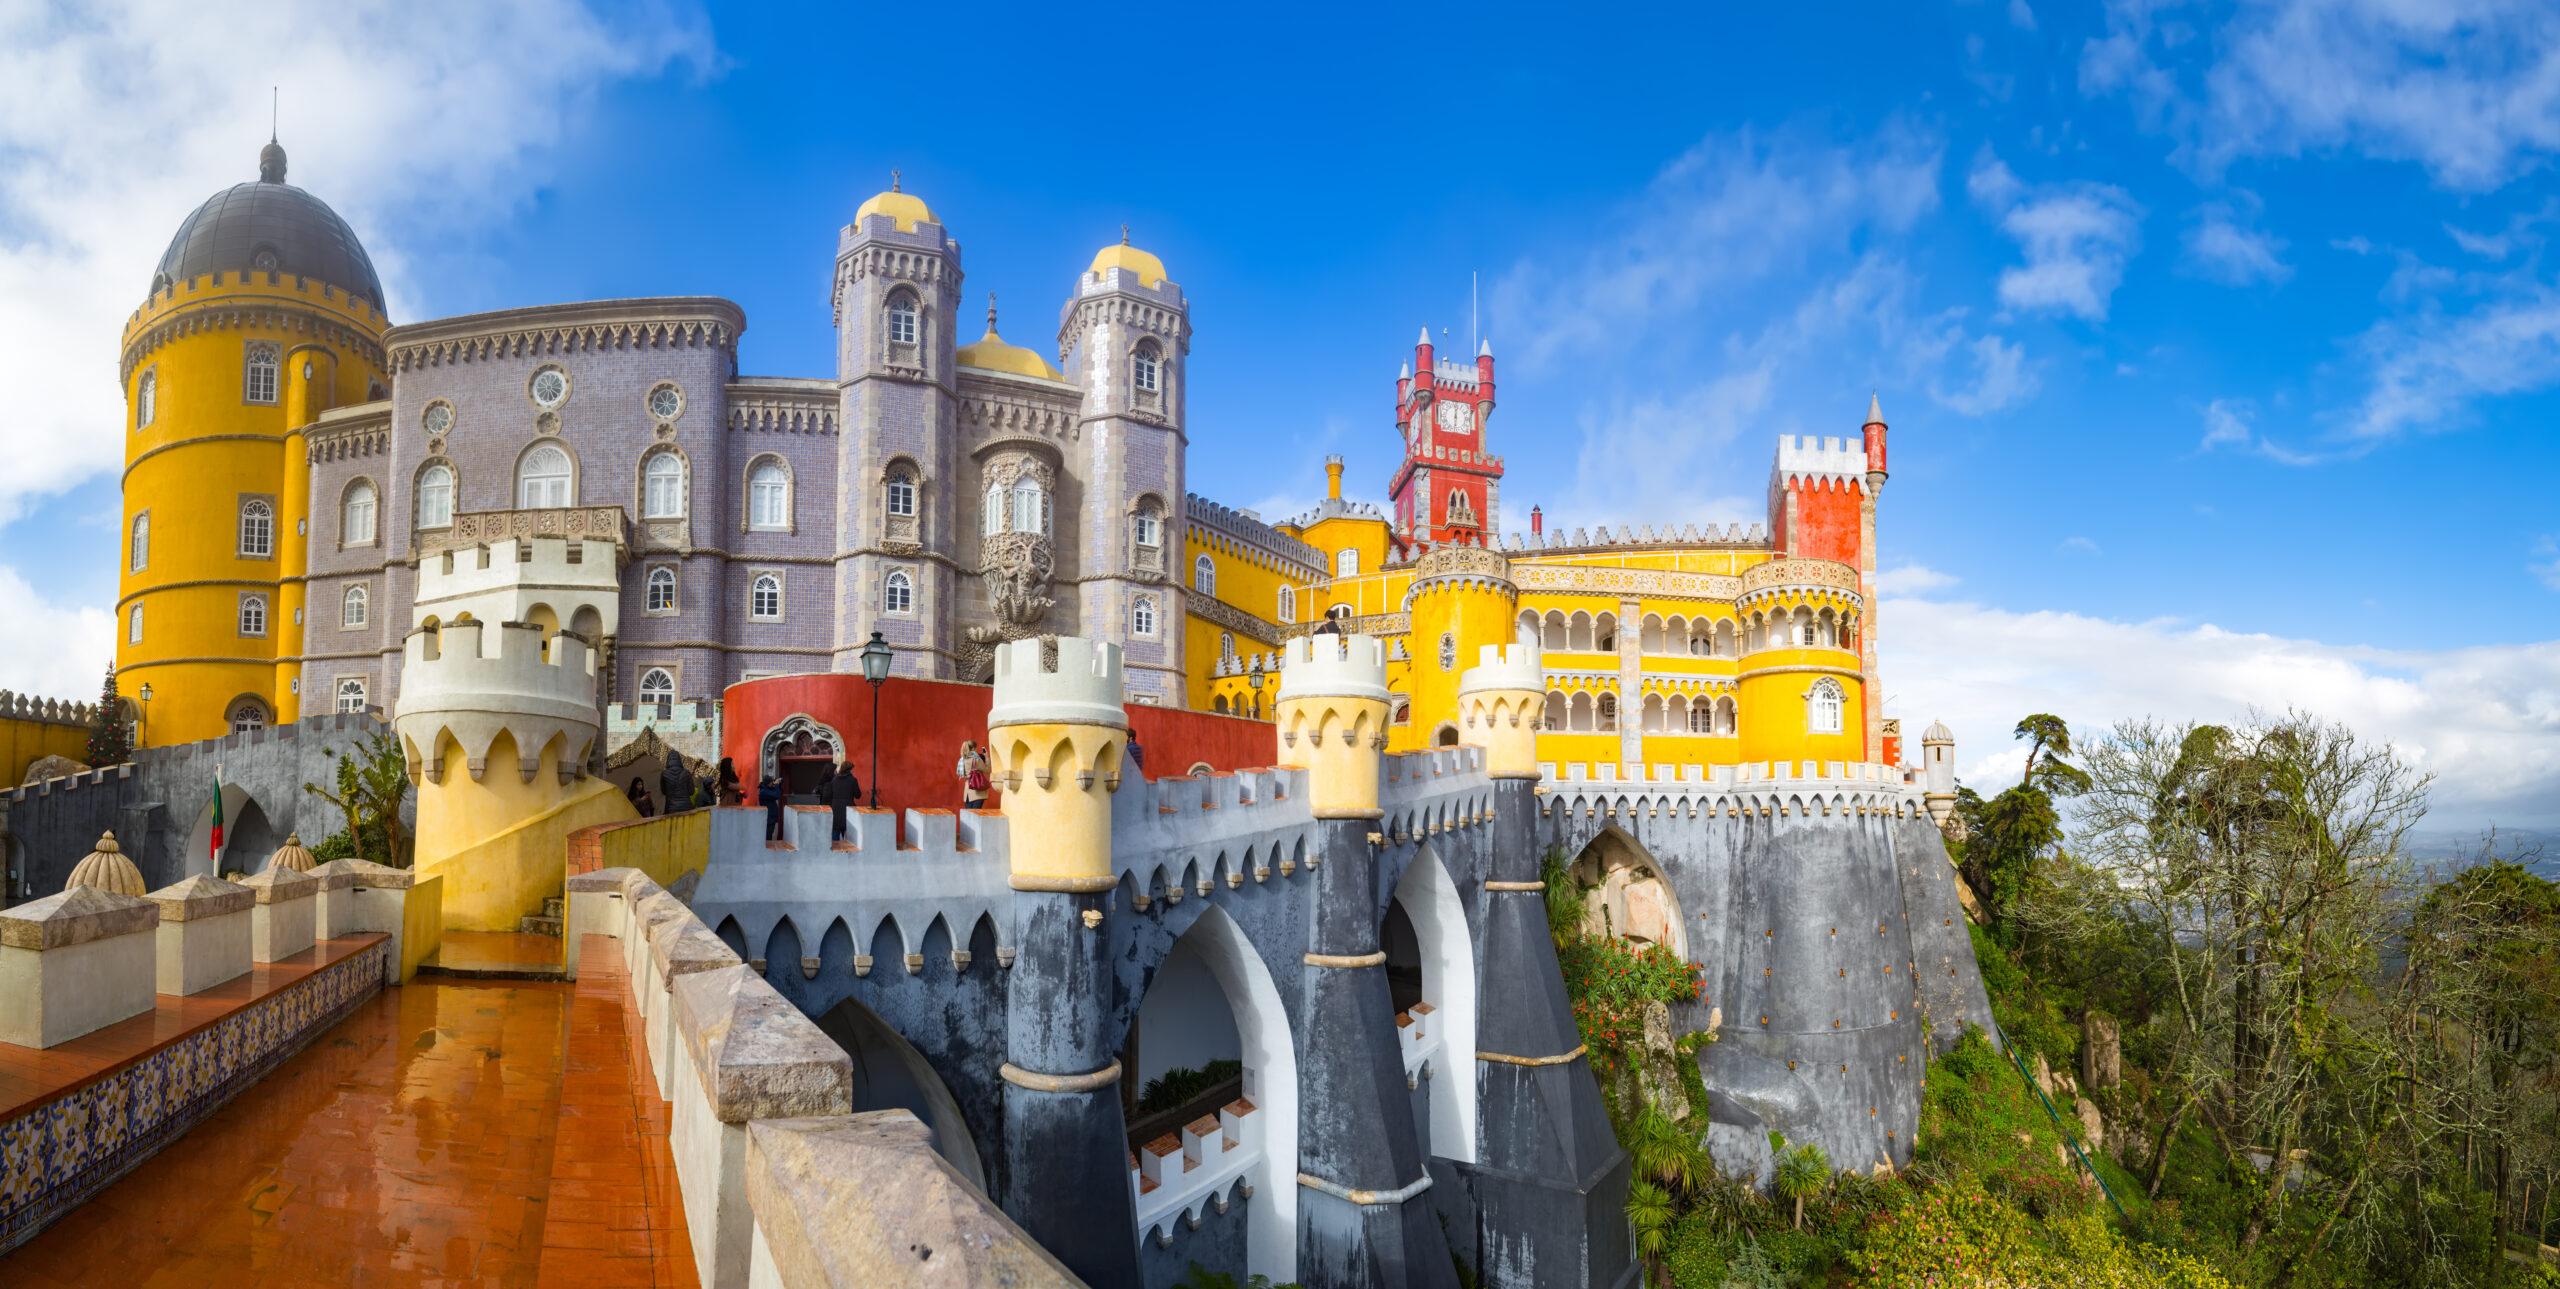 Palace da Pena